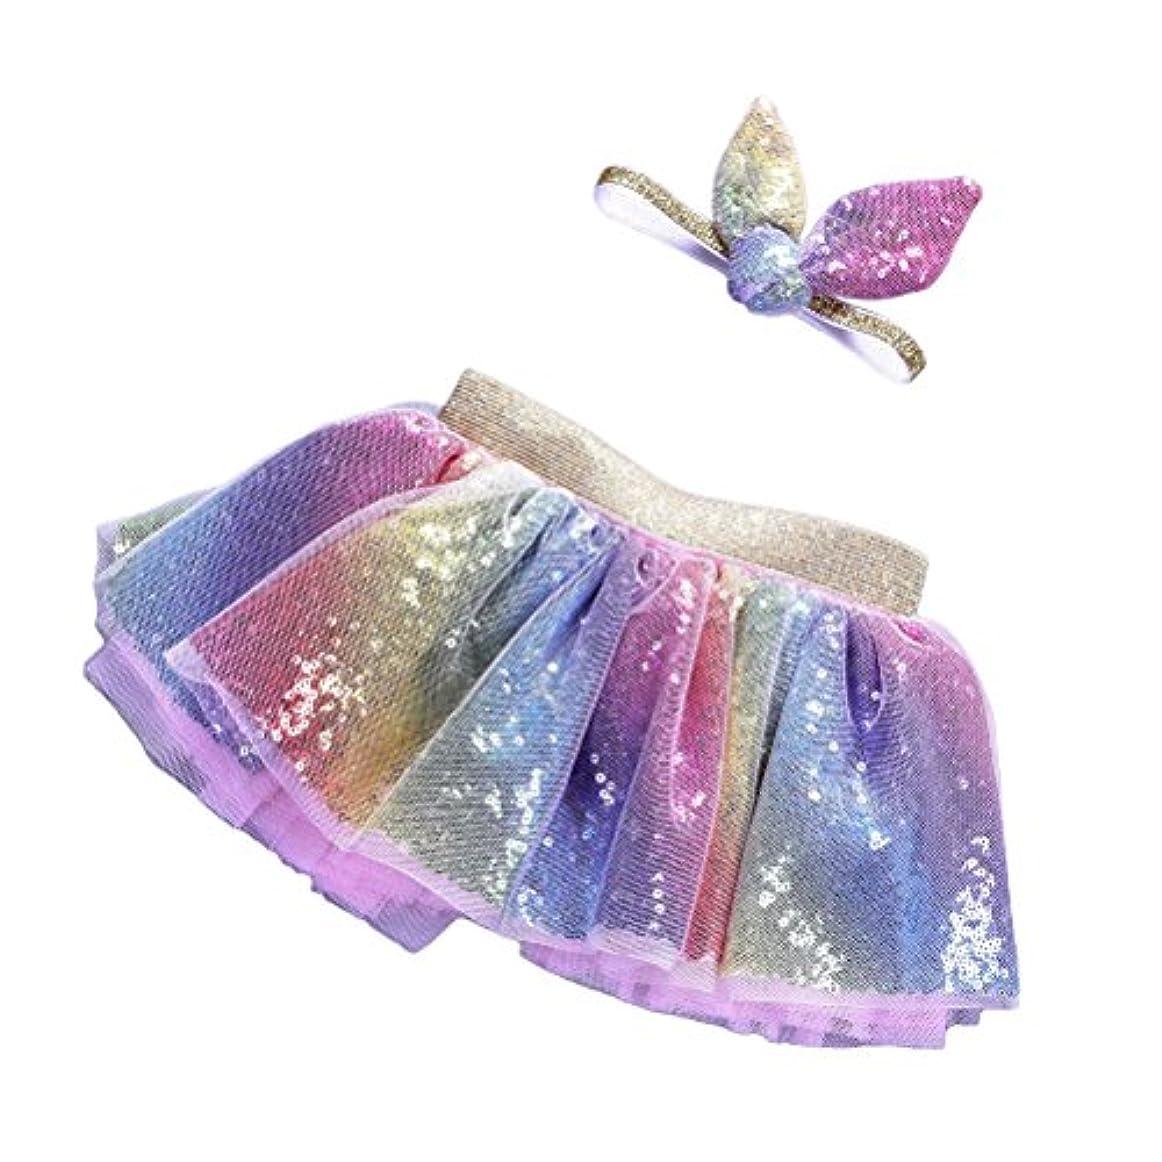 も沿って郵便物LUOEM 2PCSレインボーツツスカート(ヘッドバンドプリンセスガール付き)Tutu OutfitベビーガールズBirthday Outfit Set S(0-2歳)